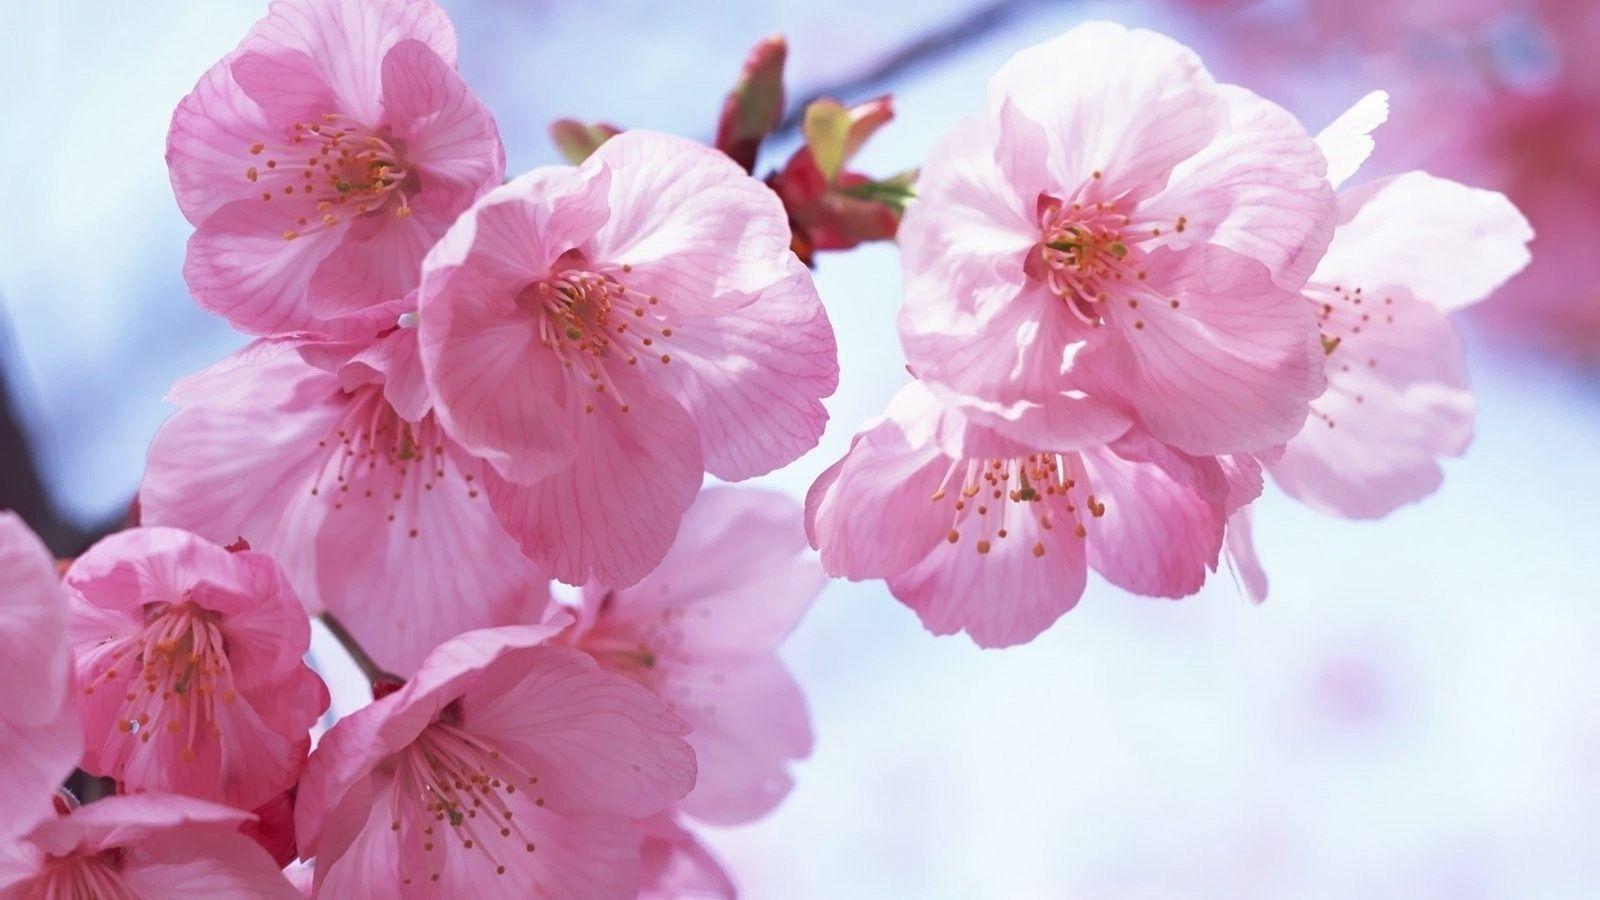 Spring Flowers Backgrounds Desktop - Wallpaper Cave